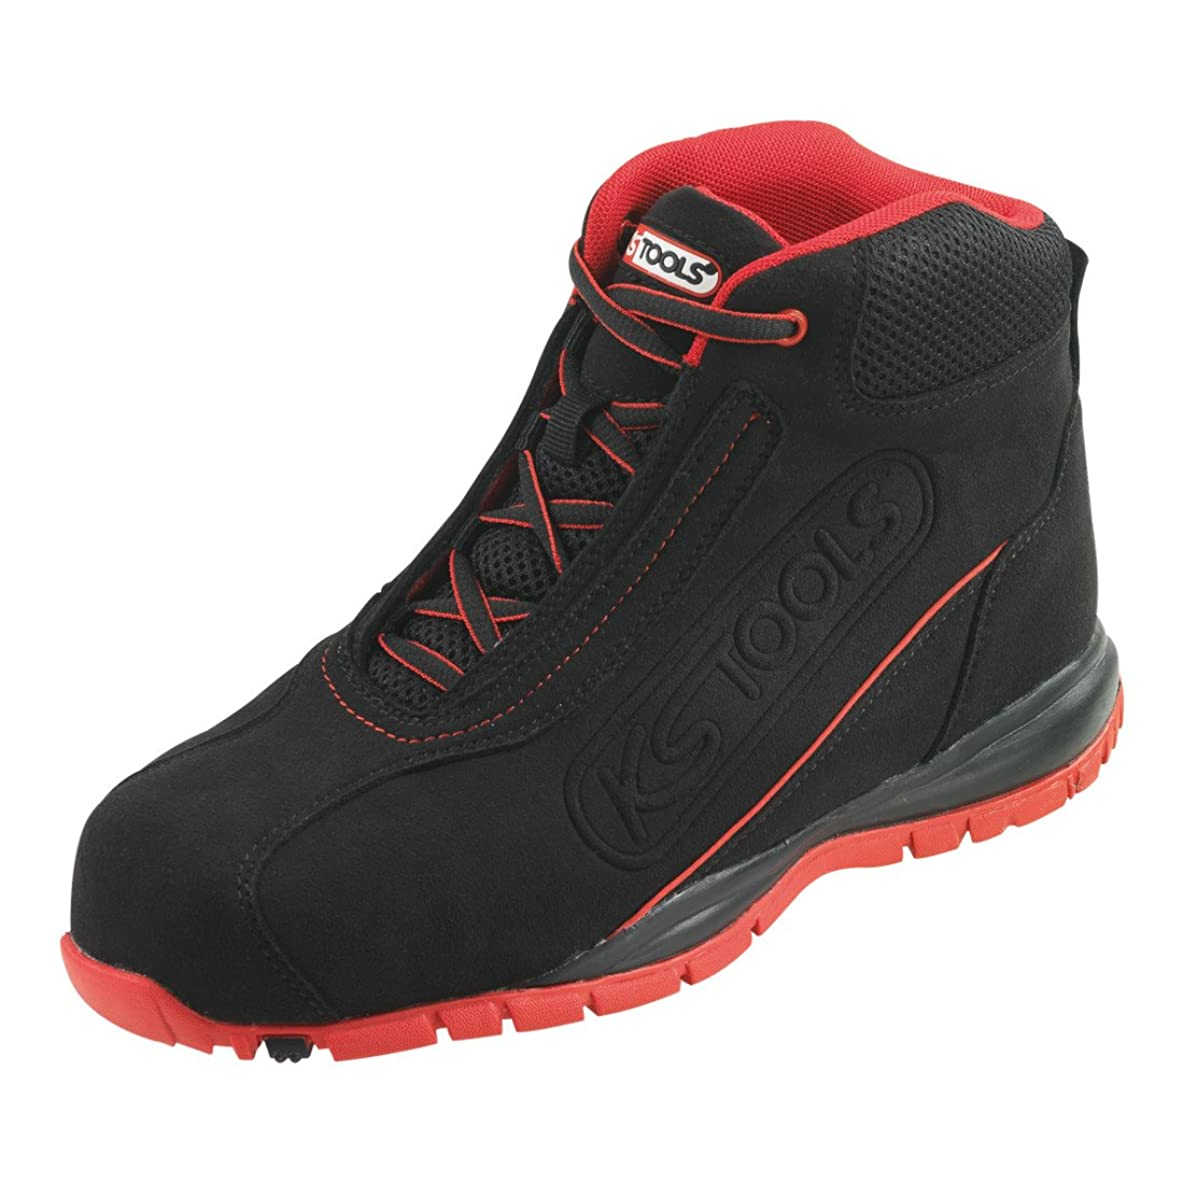 不良品お酒予定【Amazon.co.jp 限定】KS TOOLS 安全ブーツS1P 41 Safety boots S1P 41 310.0920